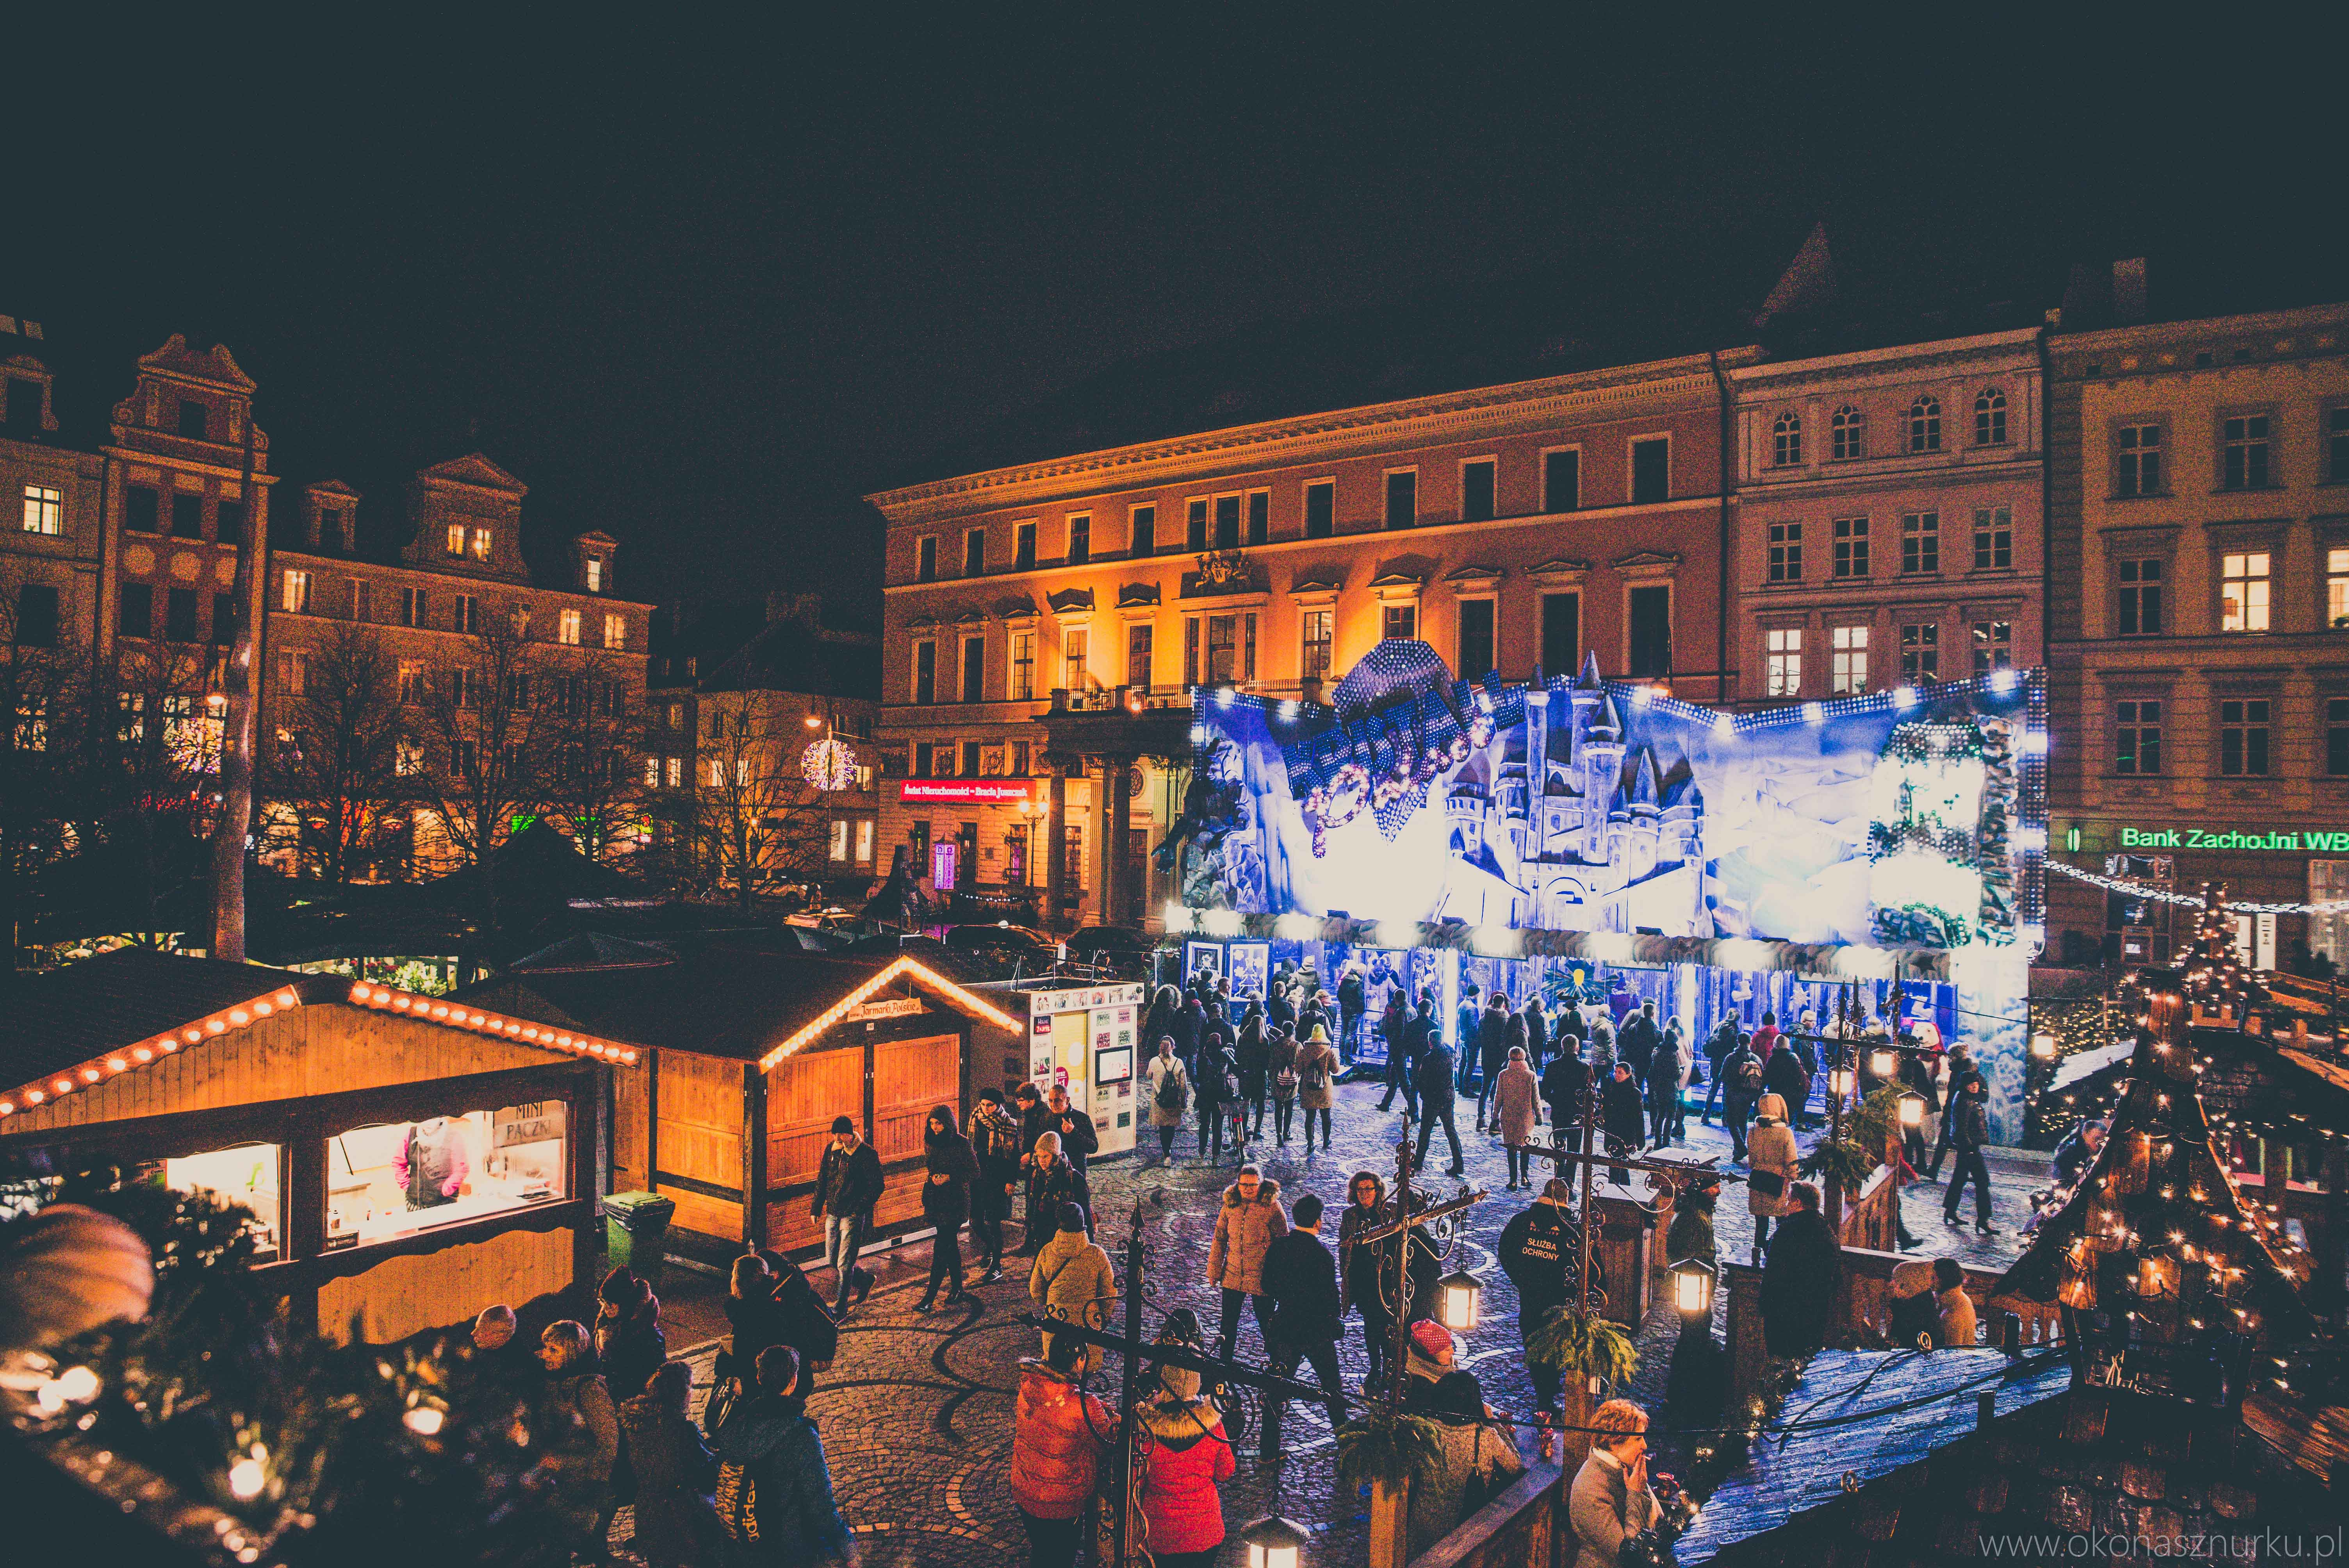 jarmark-bozonarodzeniowy-christmas-market-wroclaw (8)